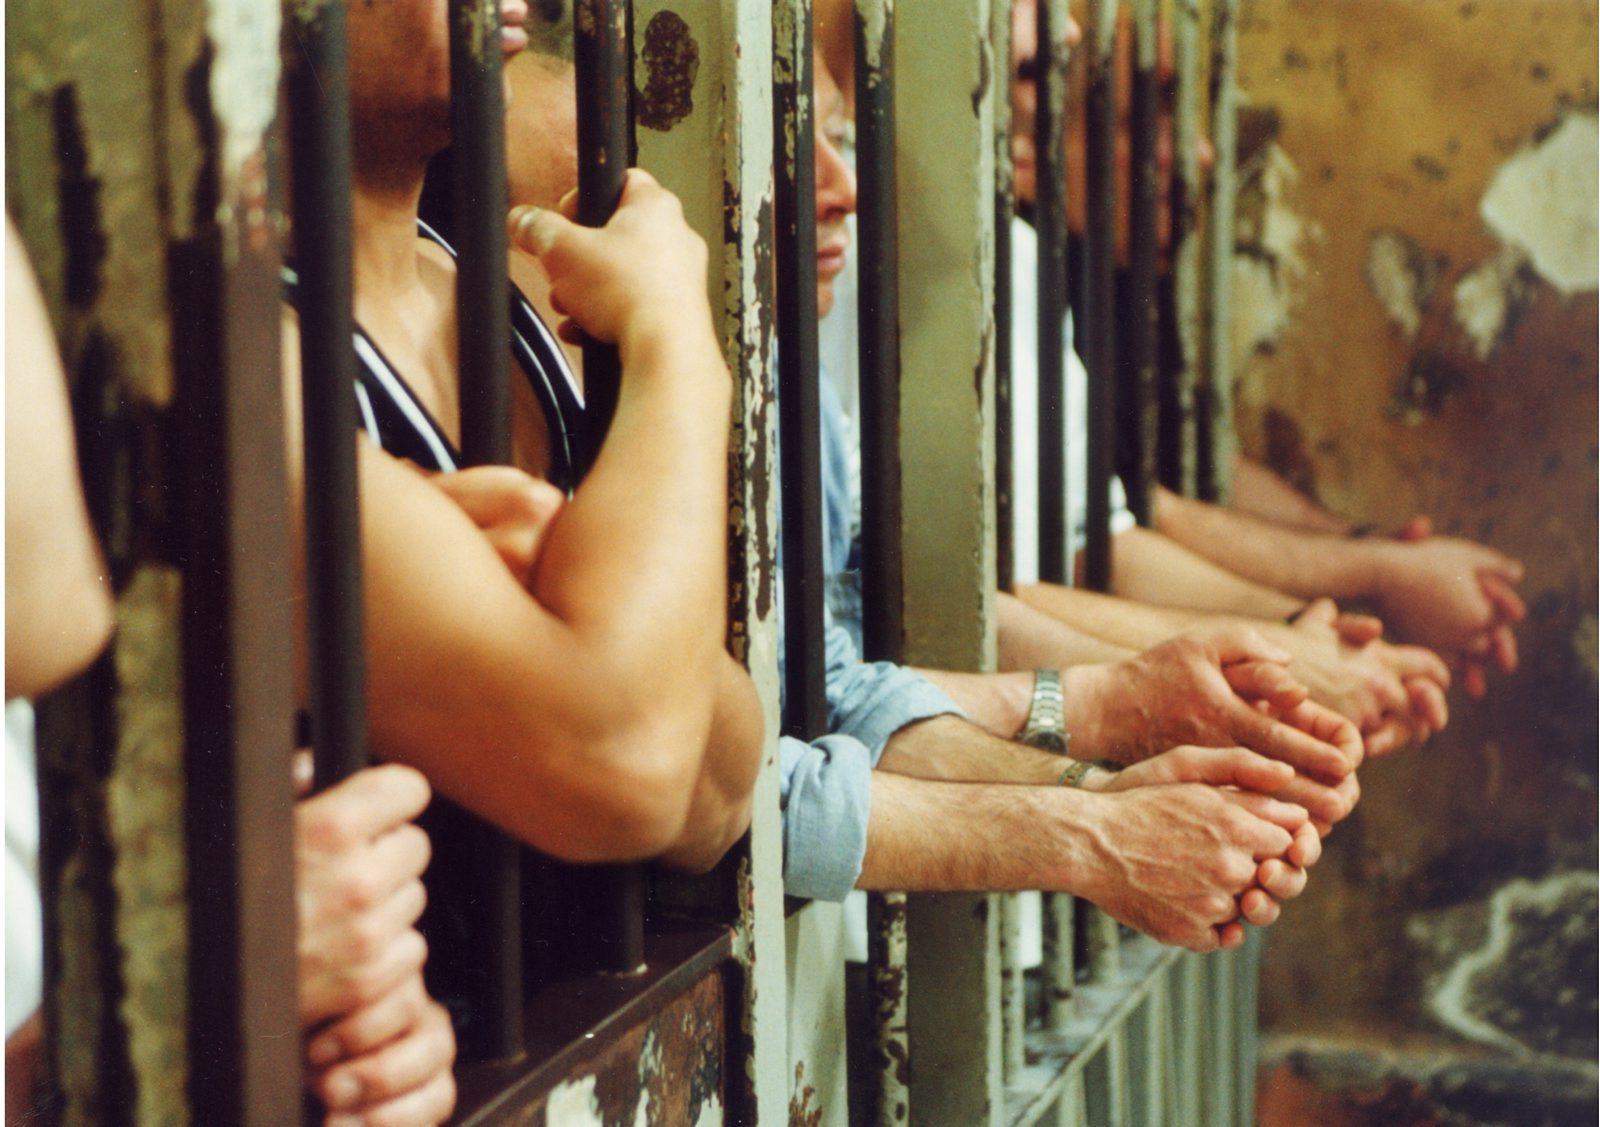 Pene sostitutive alla detenzione: svolta per i minorenni